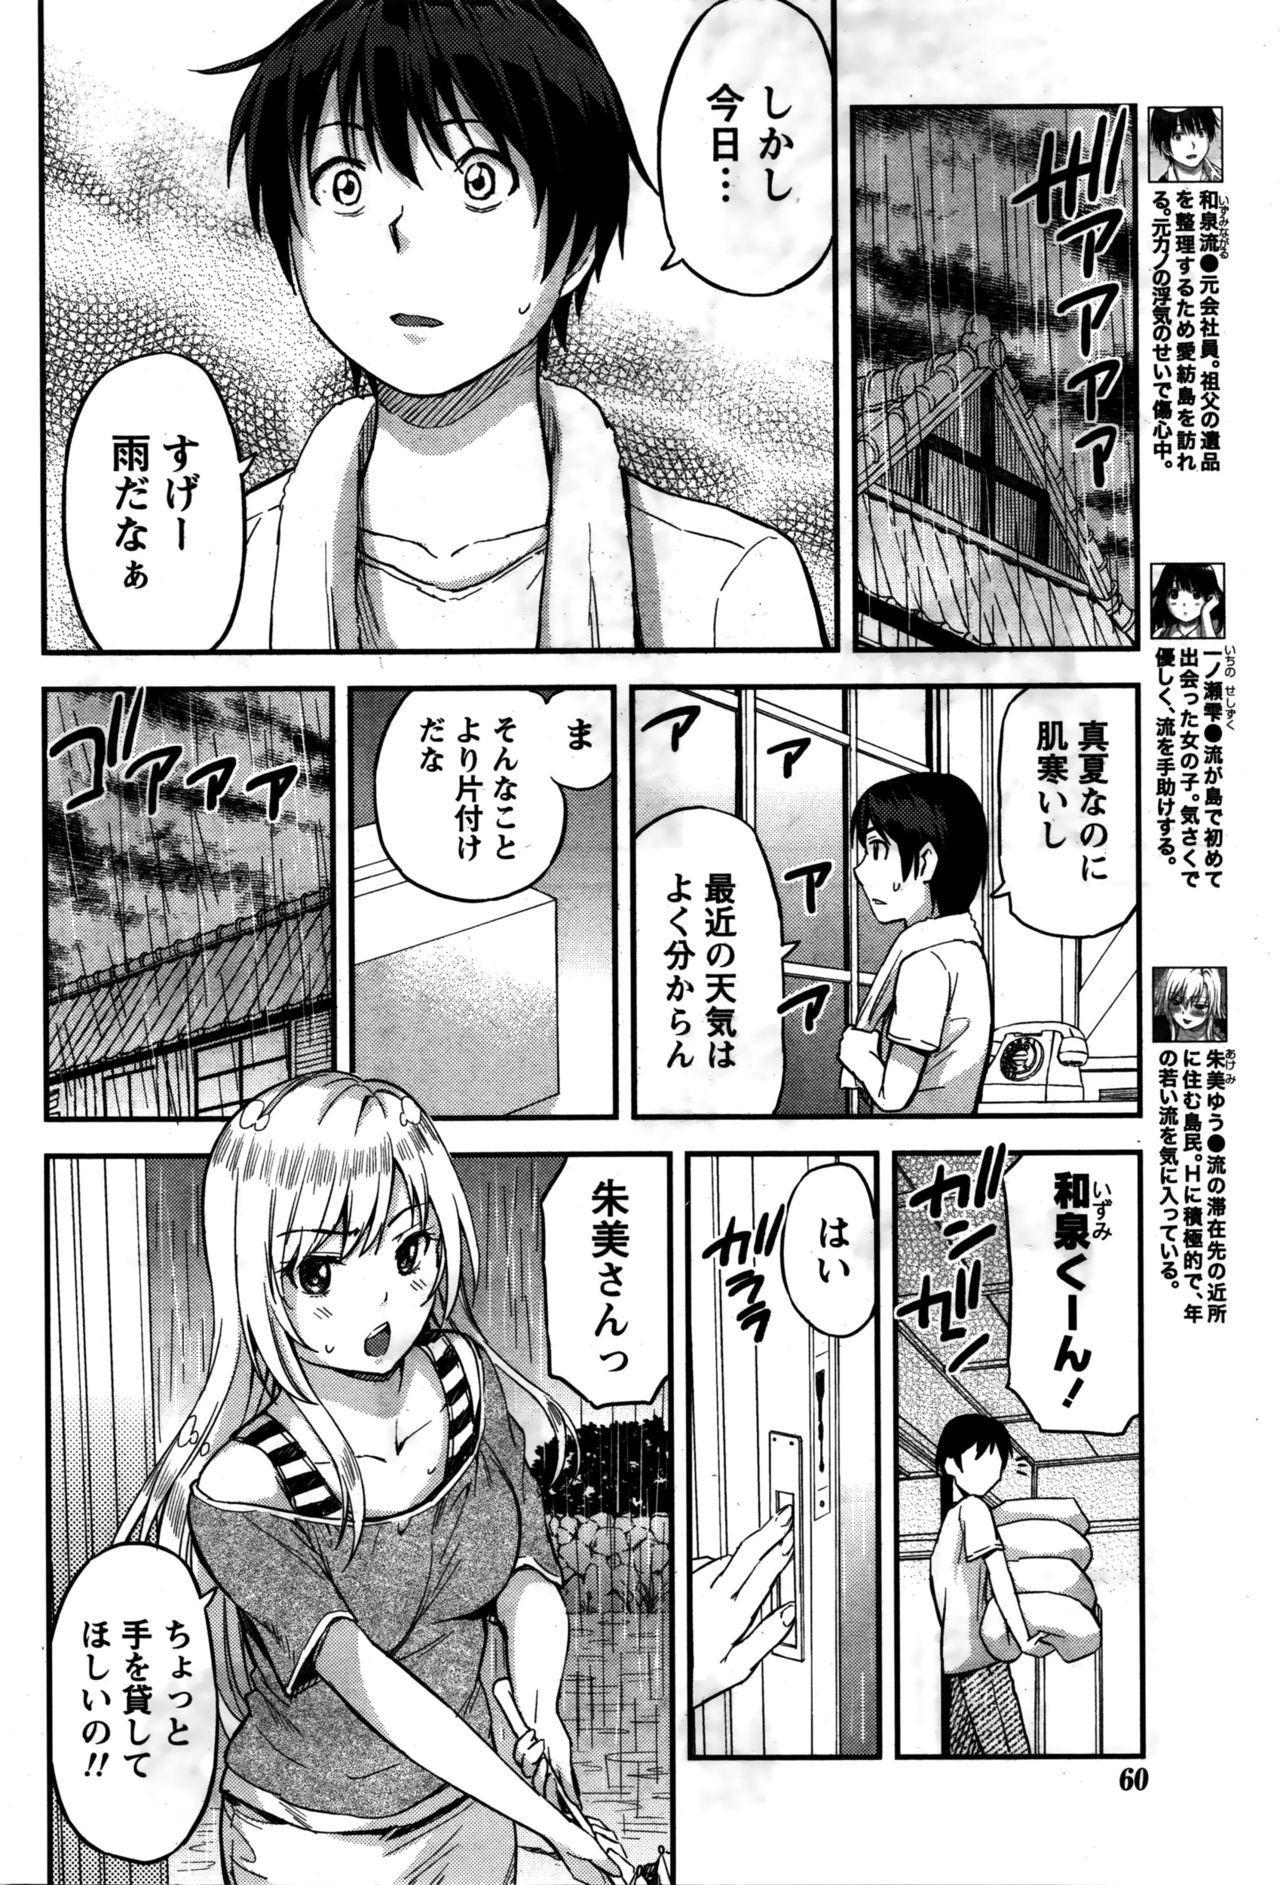 [Higashino Mikan] Atsumujima no Megumi-sama - Goddess of Atsumu-Island 48